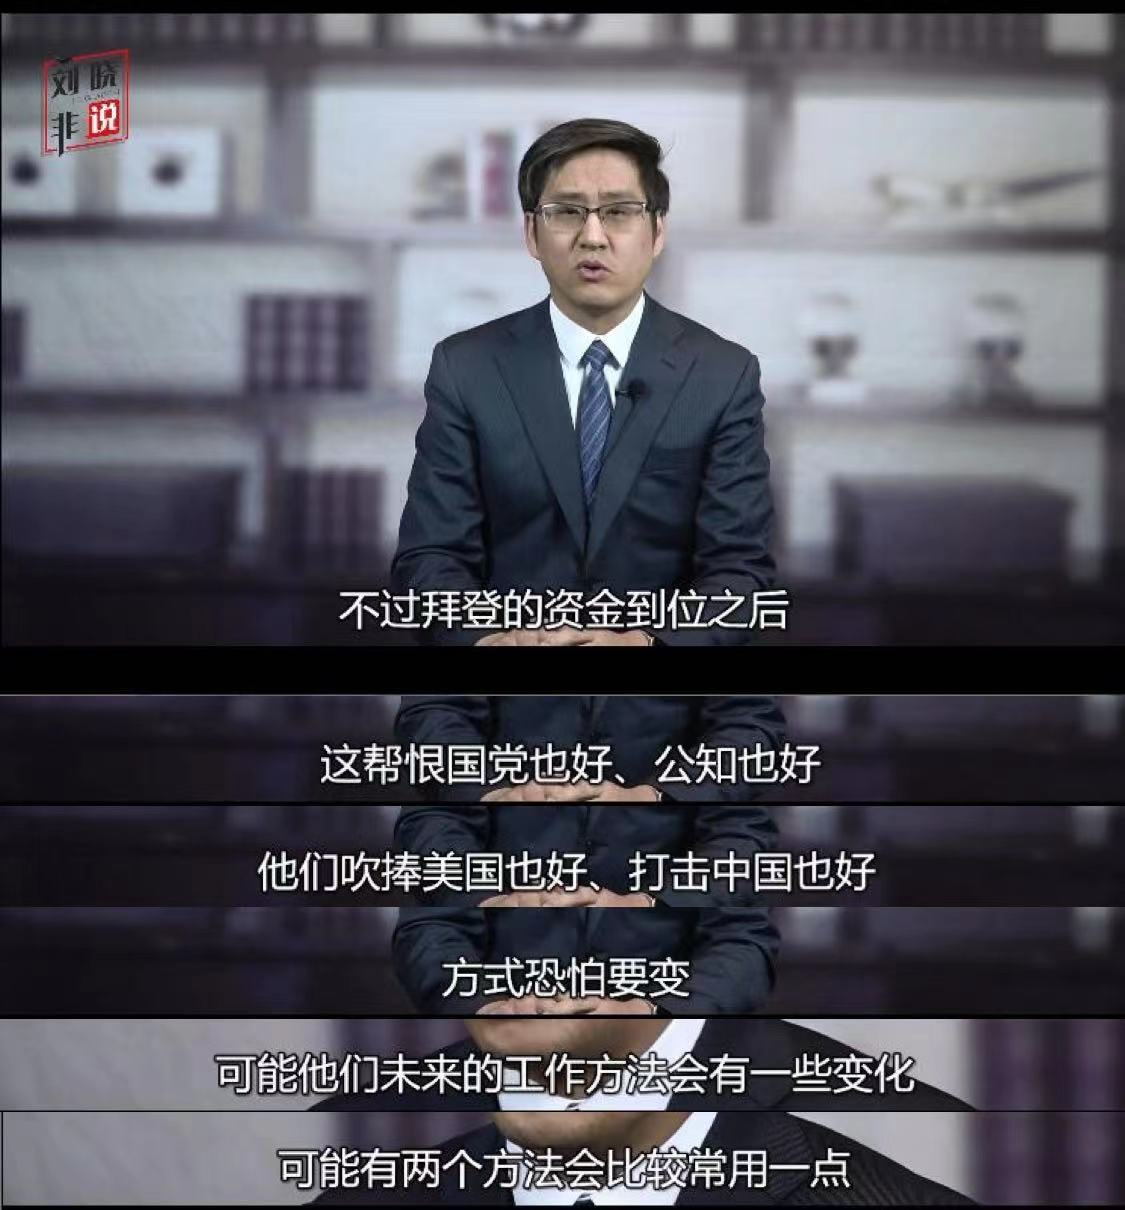 图片:《刘晓非说》视频截图